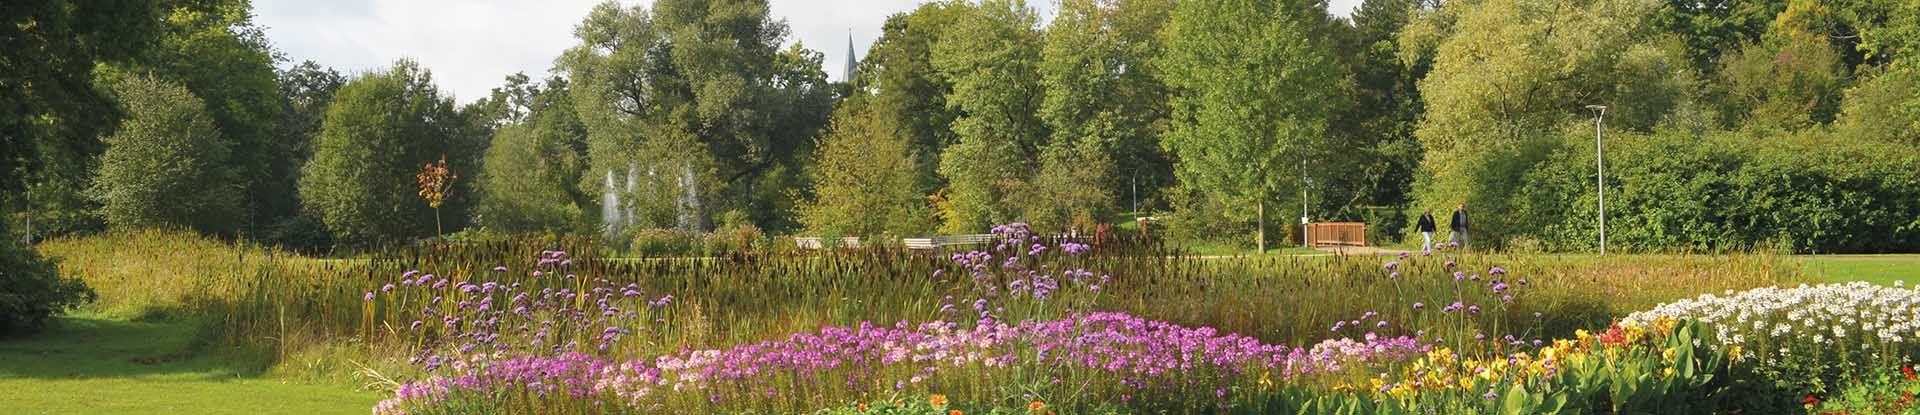 Blühende Blumenbeete im Kurpark mit Blick auf die Dreikönigskirche Bad Bevensen